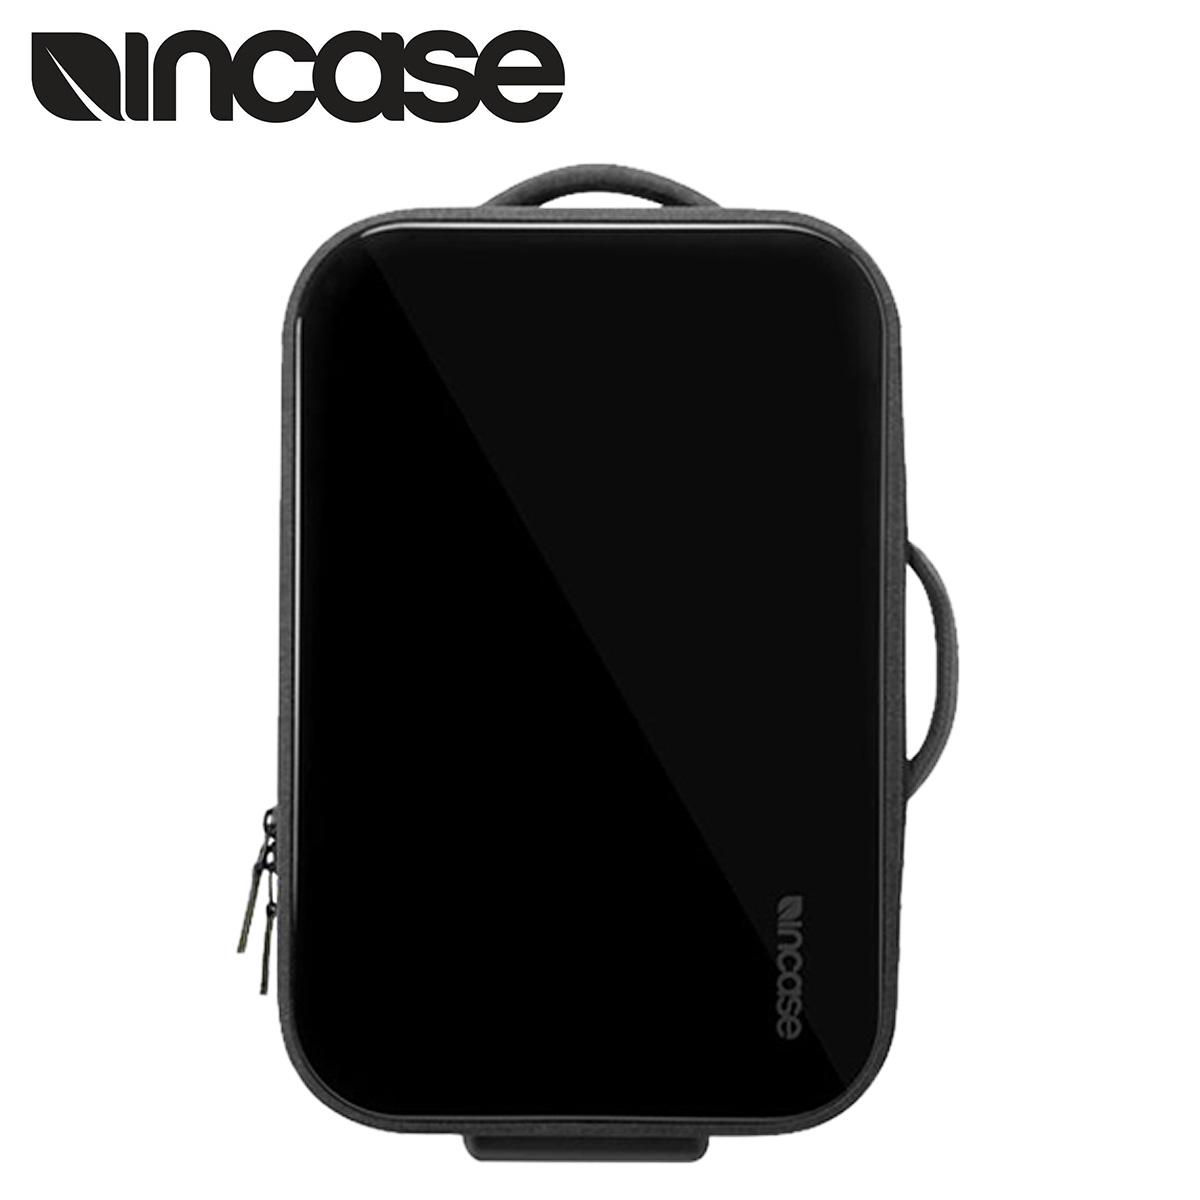 INCASE インケース キャリーバッグ スーツケース キャリーケース CL90001 ブラック EO TRAVEL HARDSHELL ROLLER メンズ